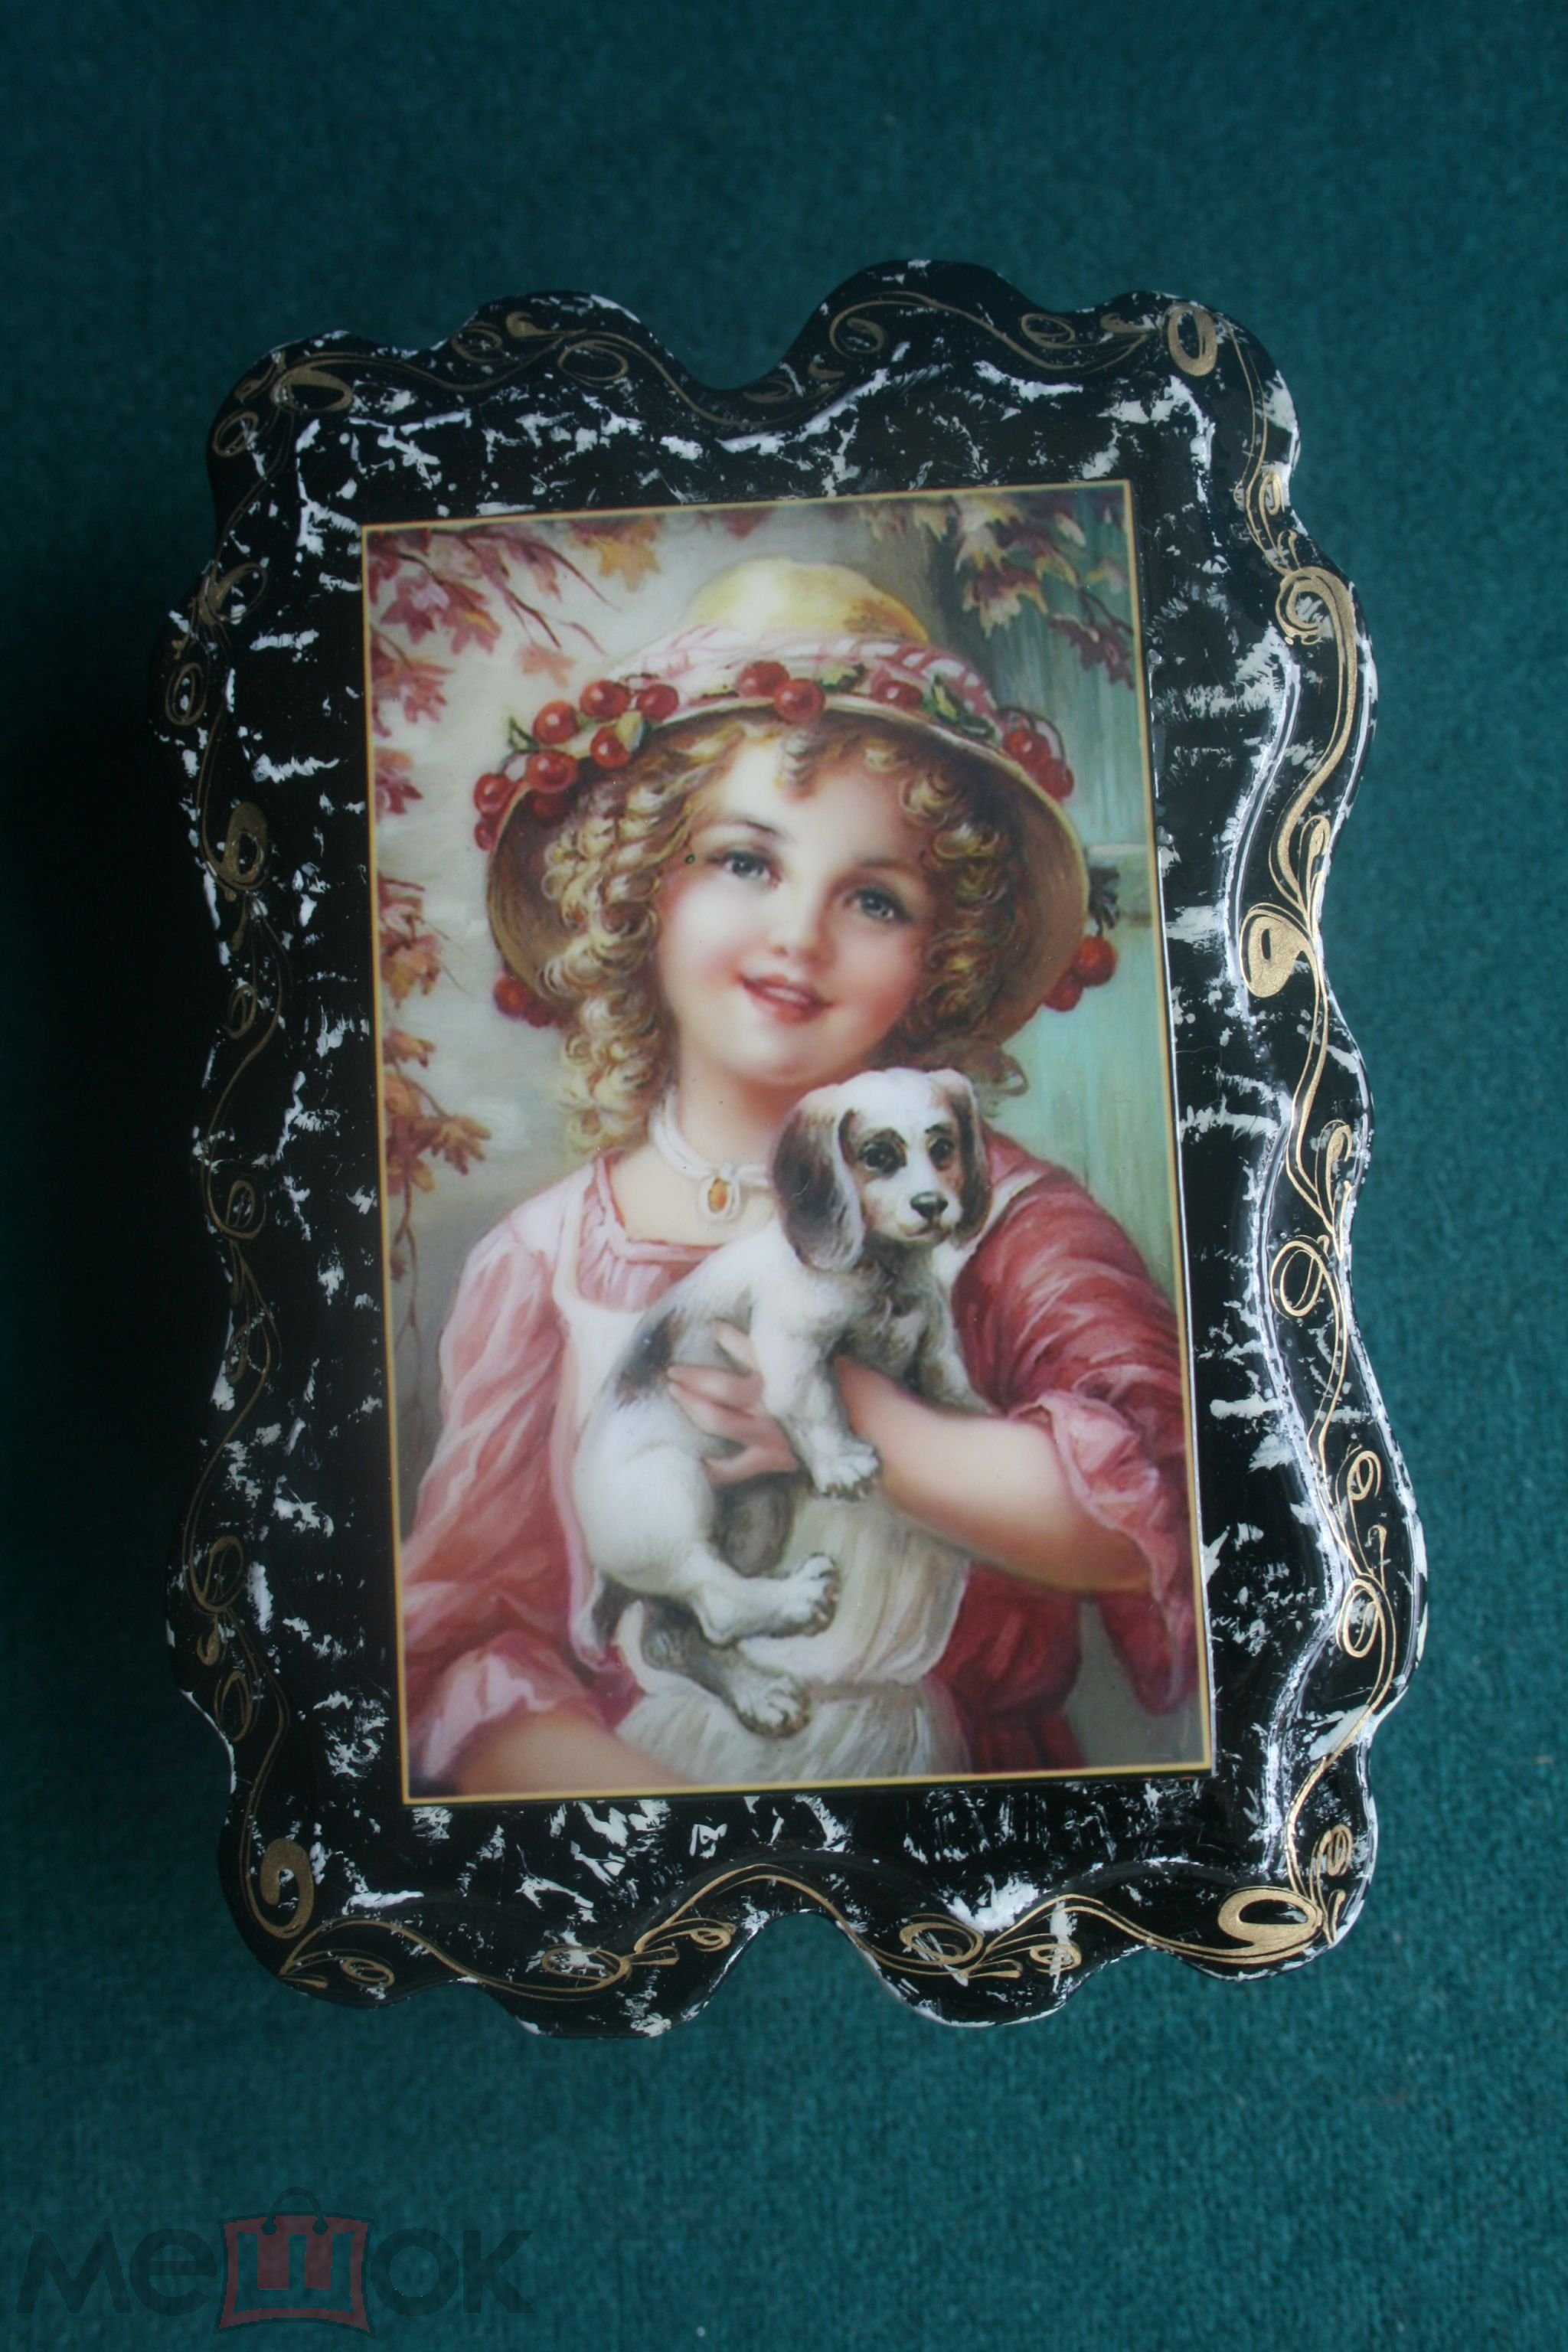 Шкатулка деревянная лаковая миниатюра девочка с собачкой дети лаковая миниатюра